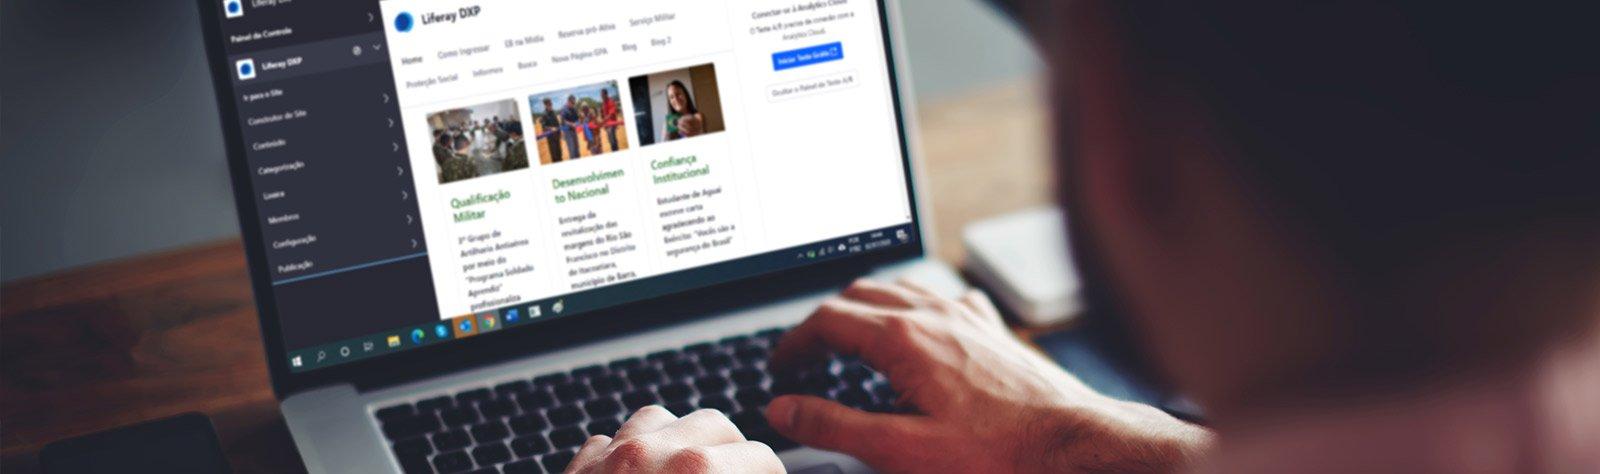 Pessoa utilizando o computador com portal e CMS da Liferay (Liferay DXP)